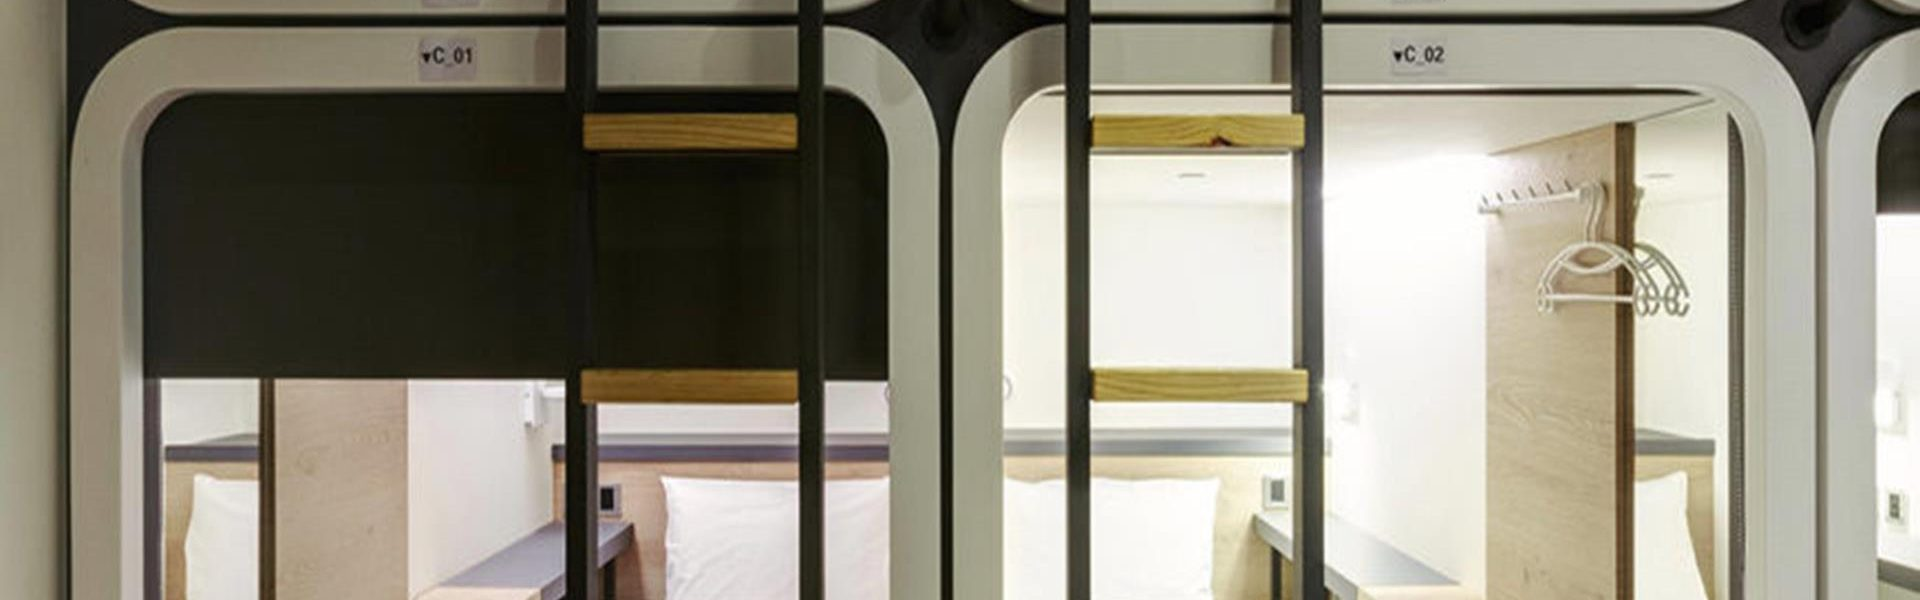 【台北車站背包客旅店】走路就能到達台北車站的背包客棧、青年旅館推薦!